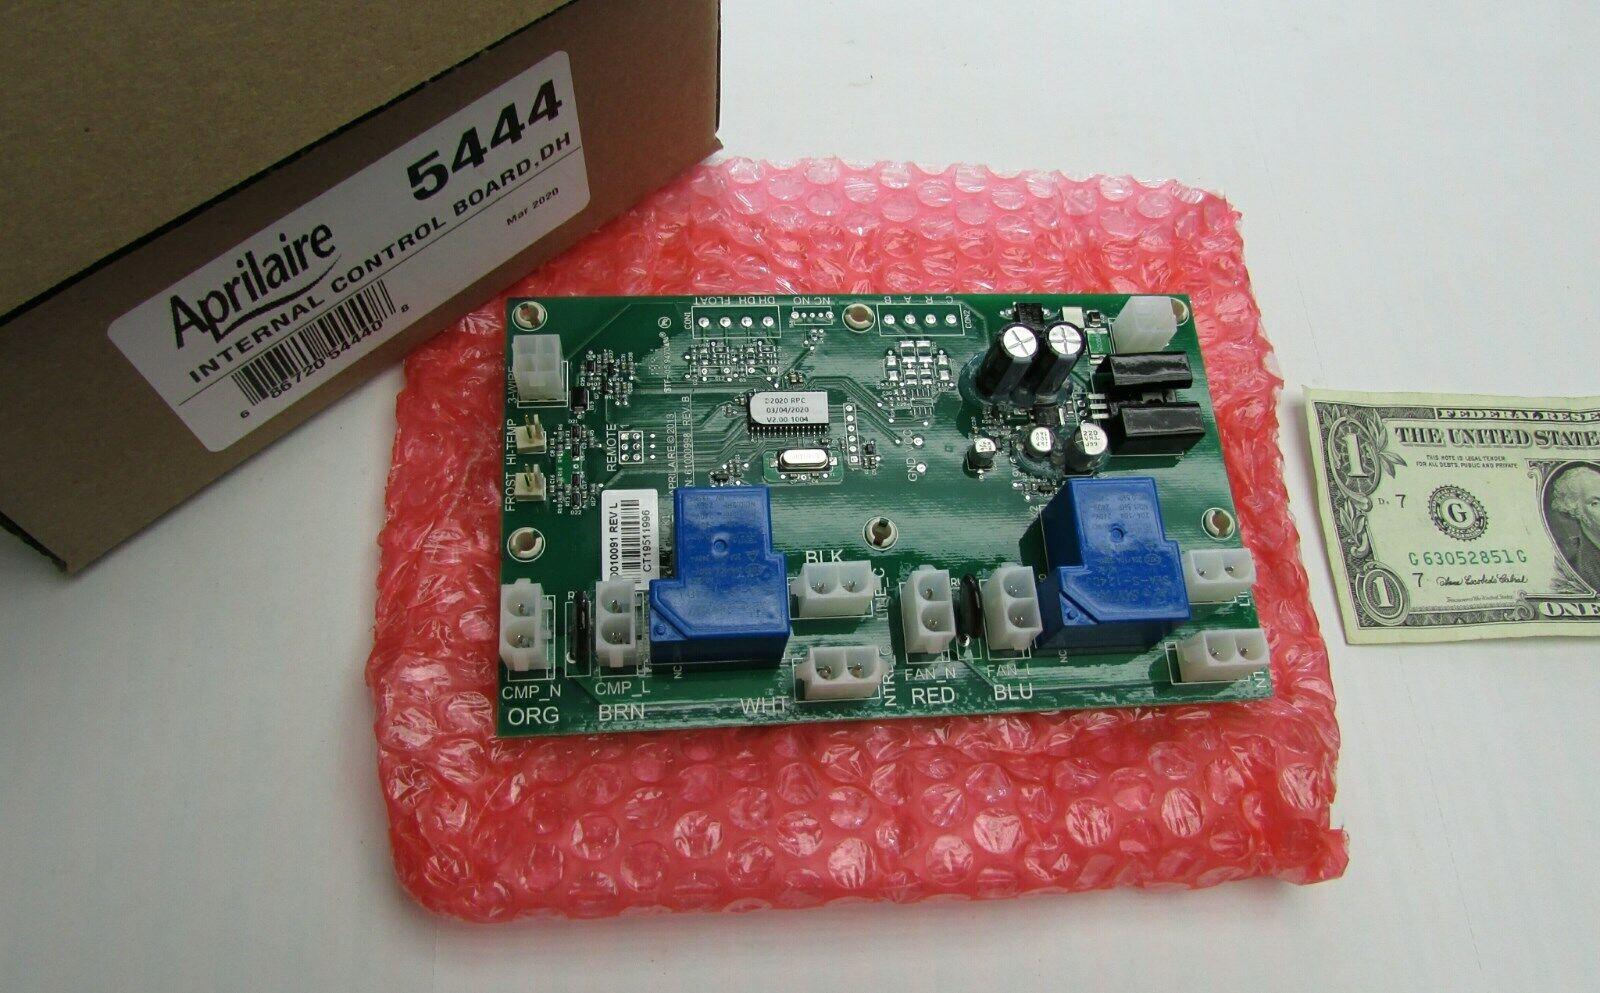 new 5444 control board 1830 1850 1850w